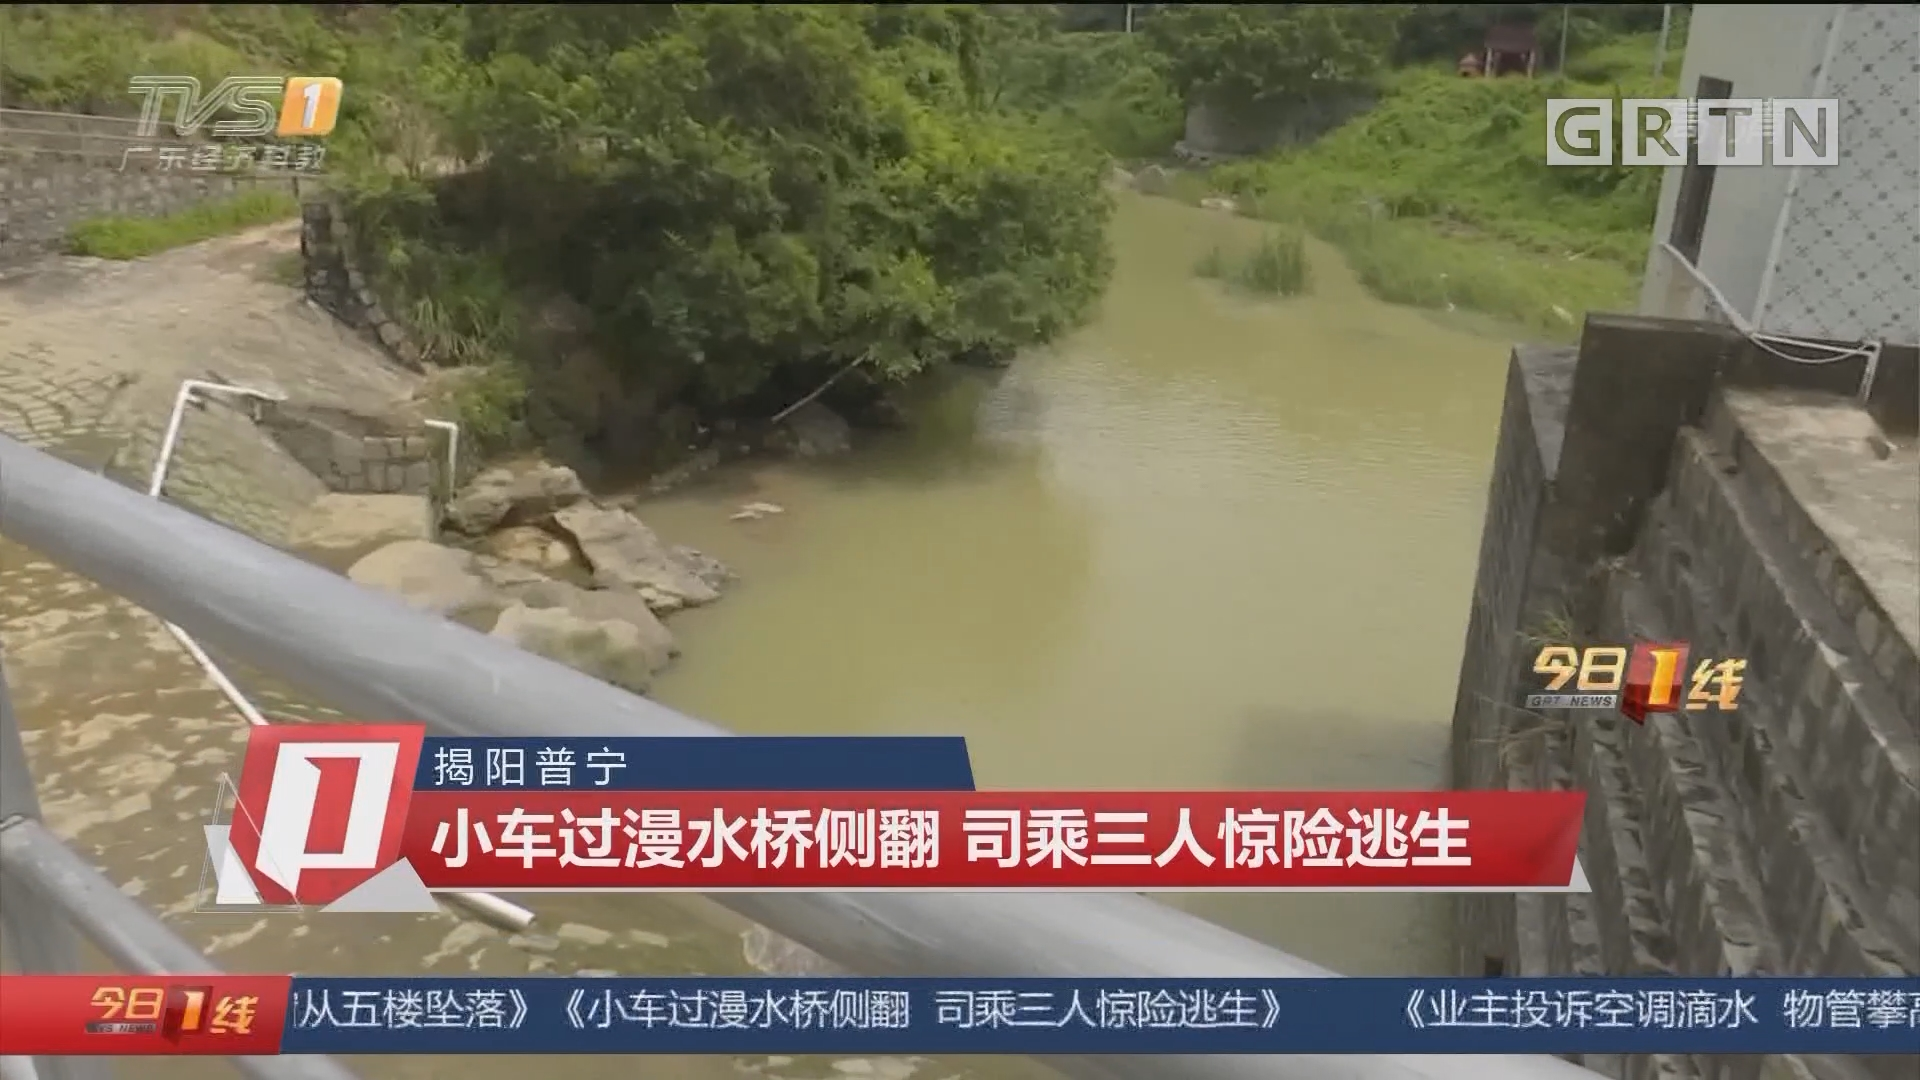 揭陽普寧:小車過漫水橋側翻 司乘三人驚險逃生